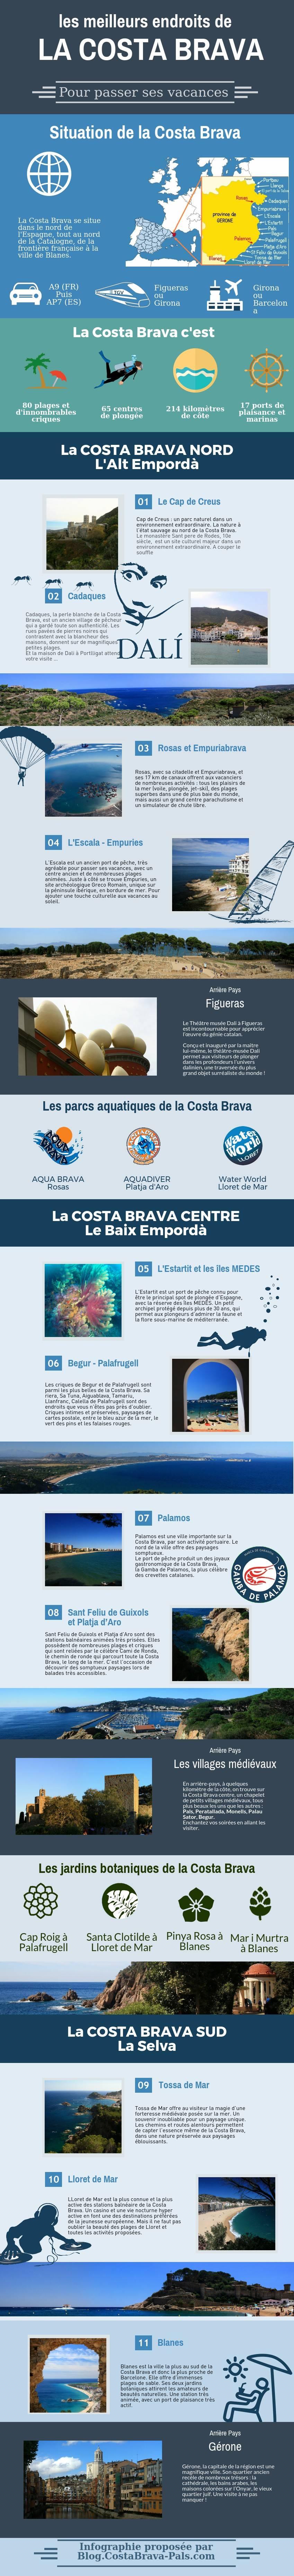 Les meilleurs endroits sur la Costa Brava - Infographie